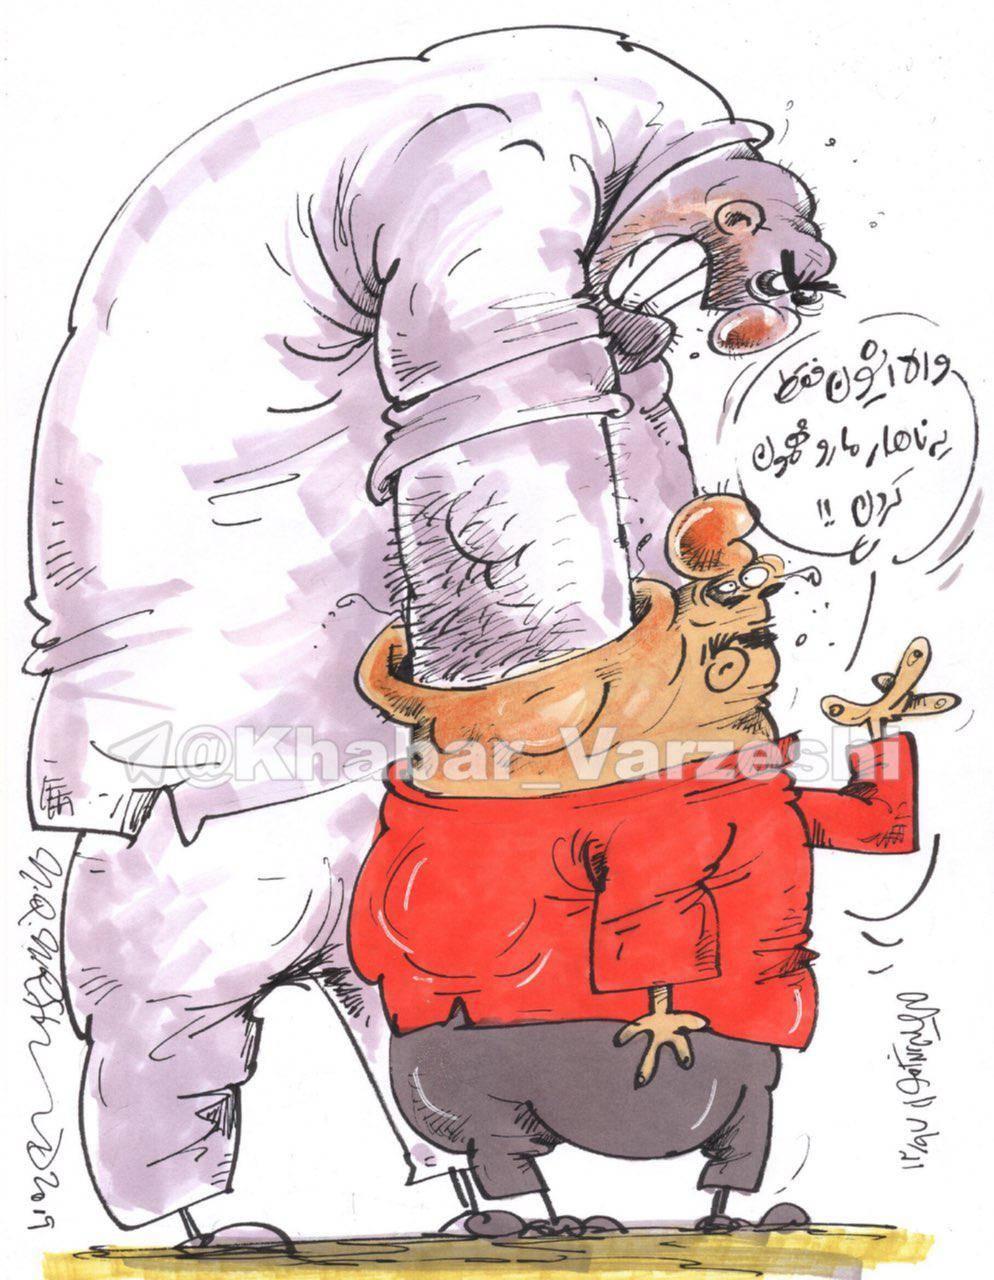 کارتون حسین هدایتی,کاریکاتور,عکس کاریکاتور,کاریکاتور ورزشی